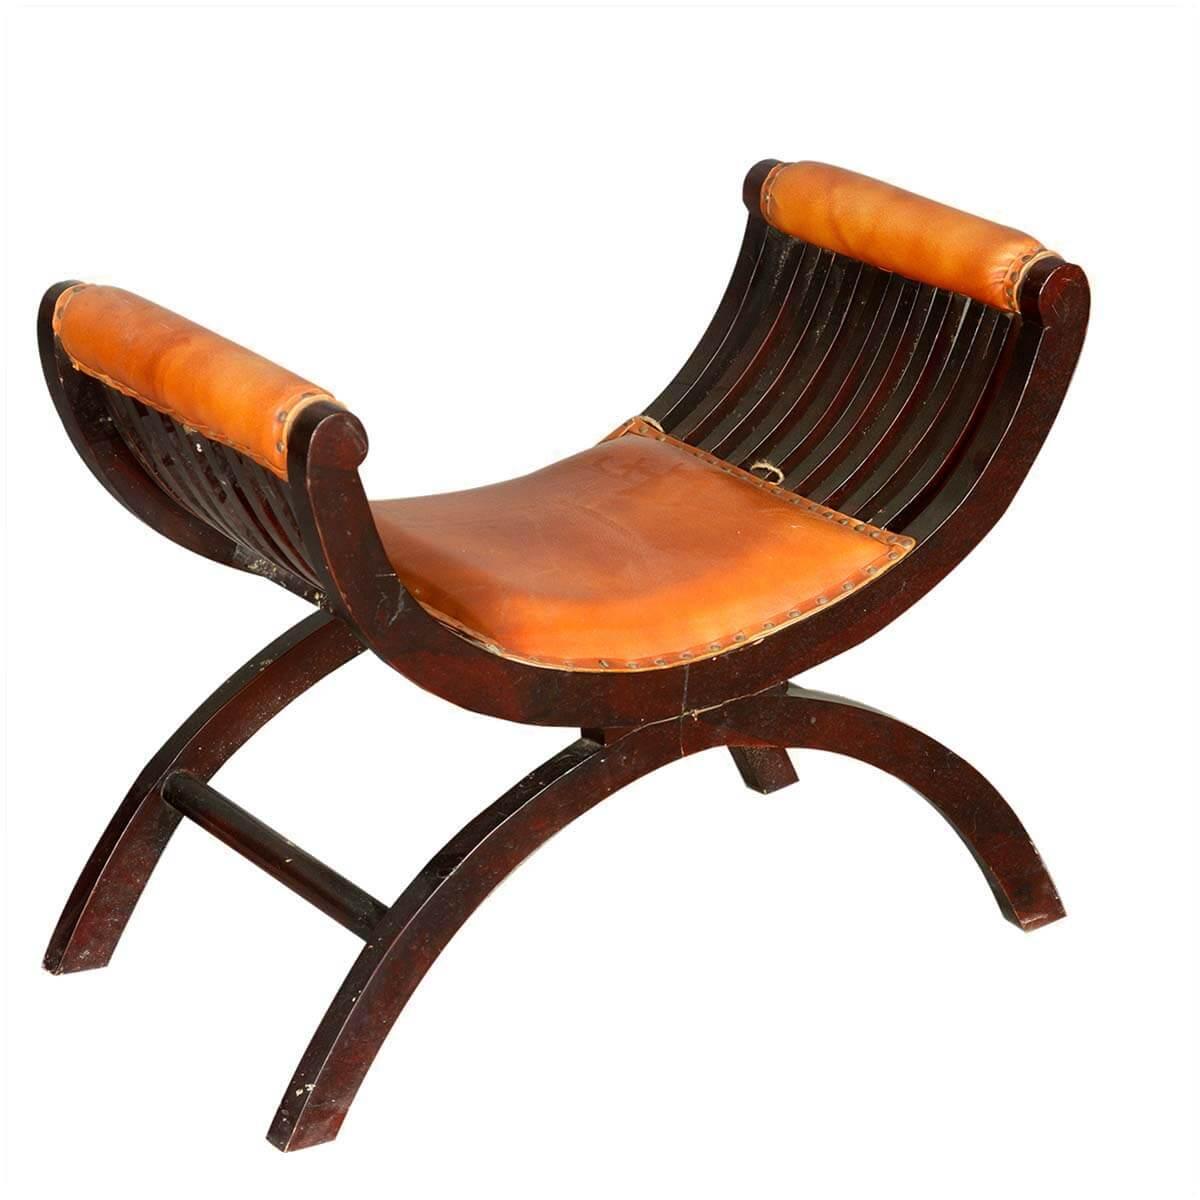 Heritage Chair Stool Arm Vanity Dressing Furniture